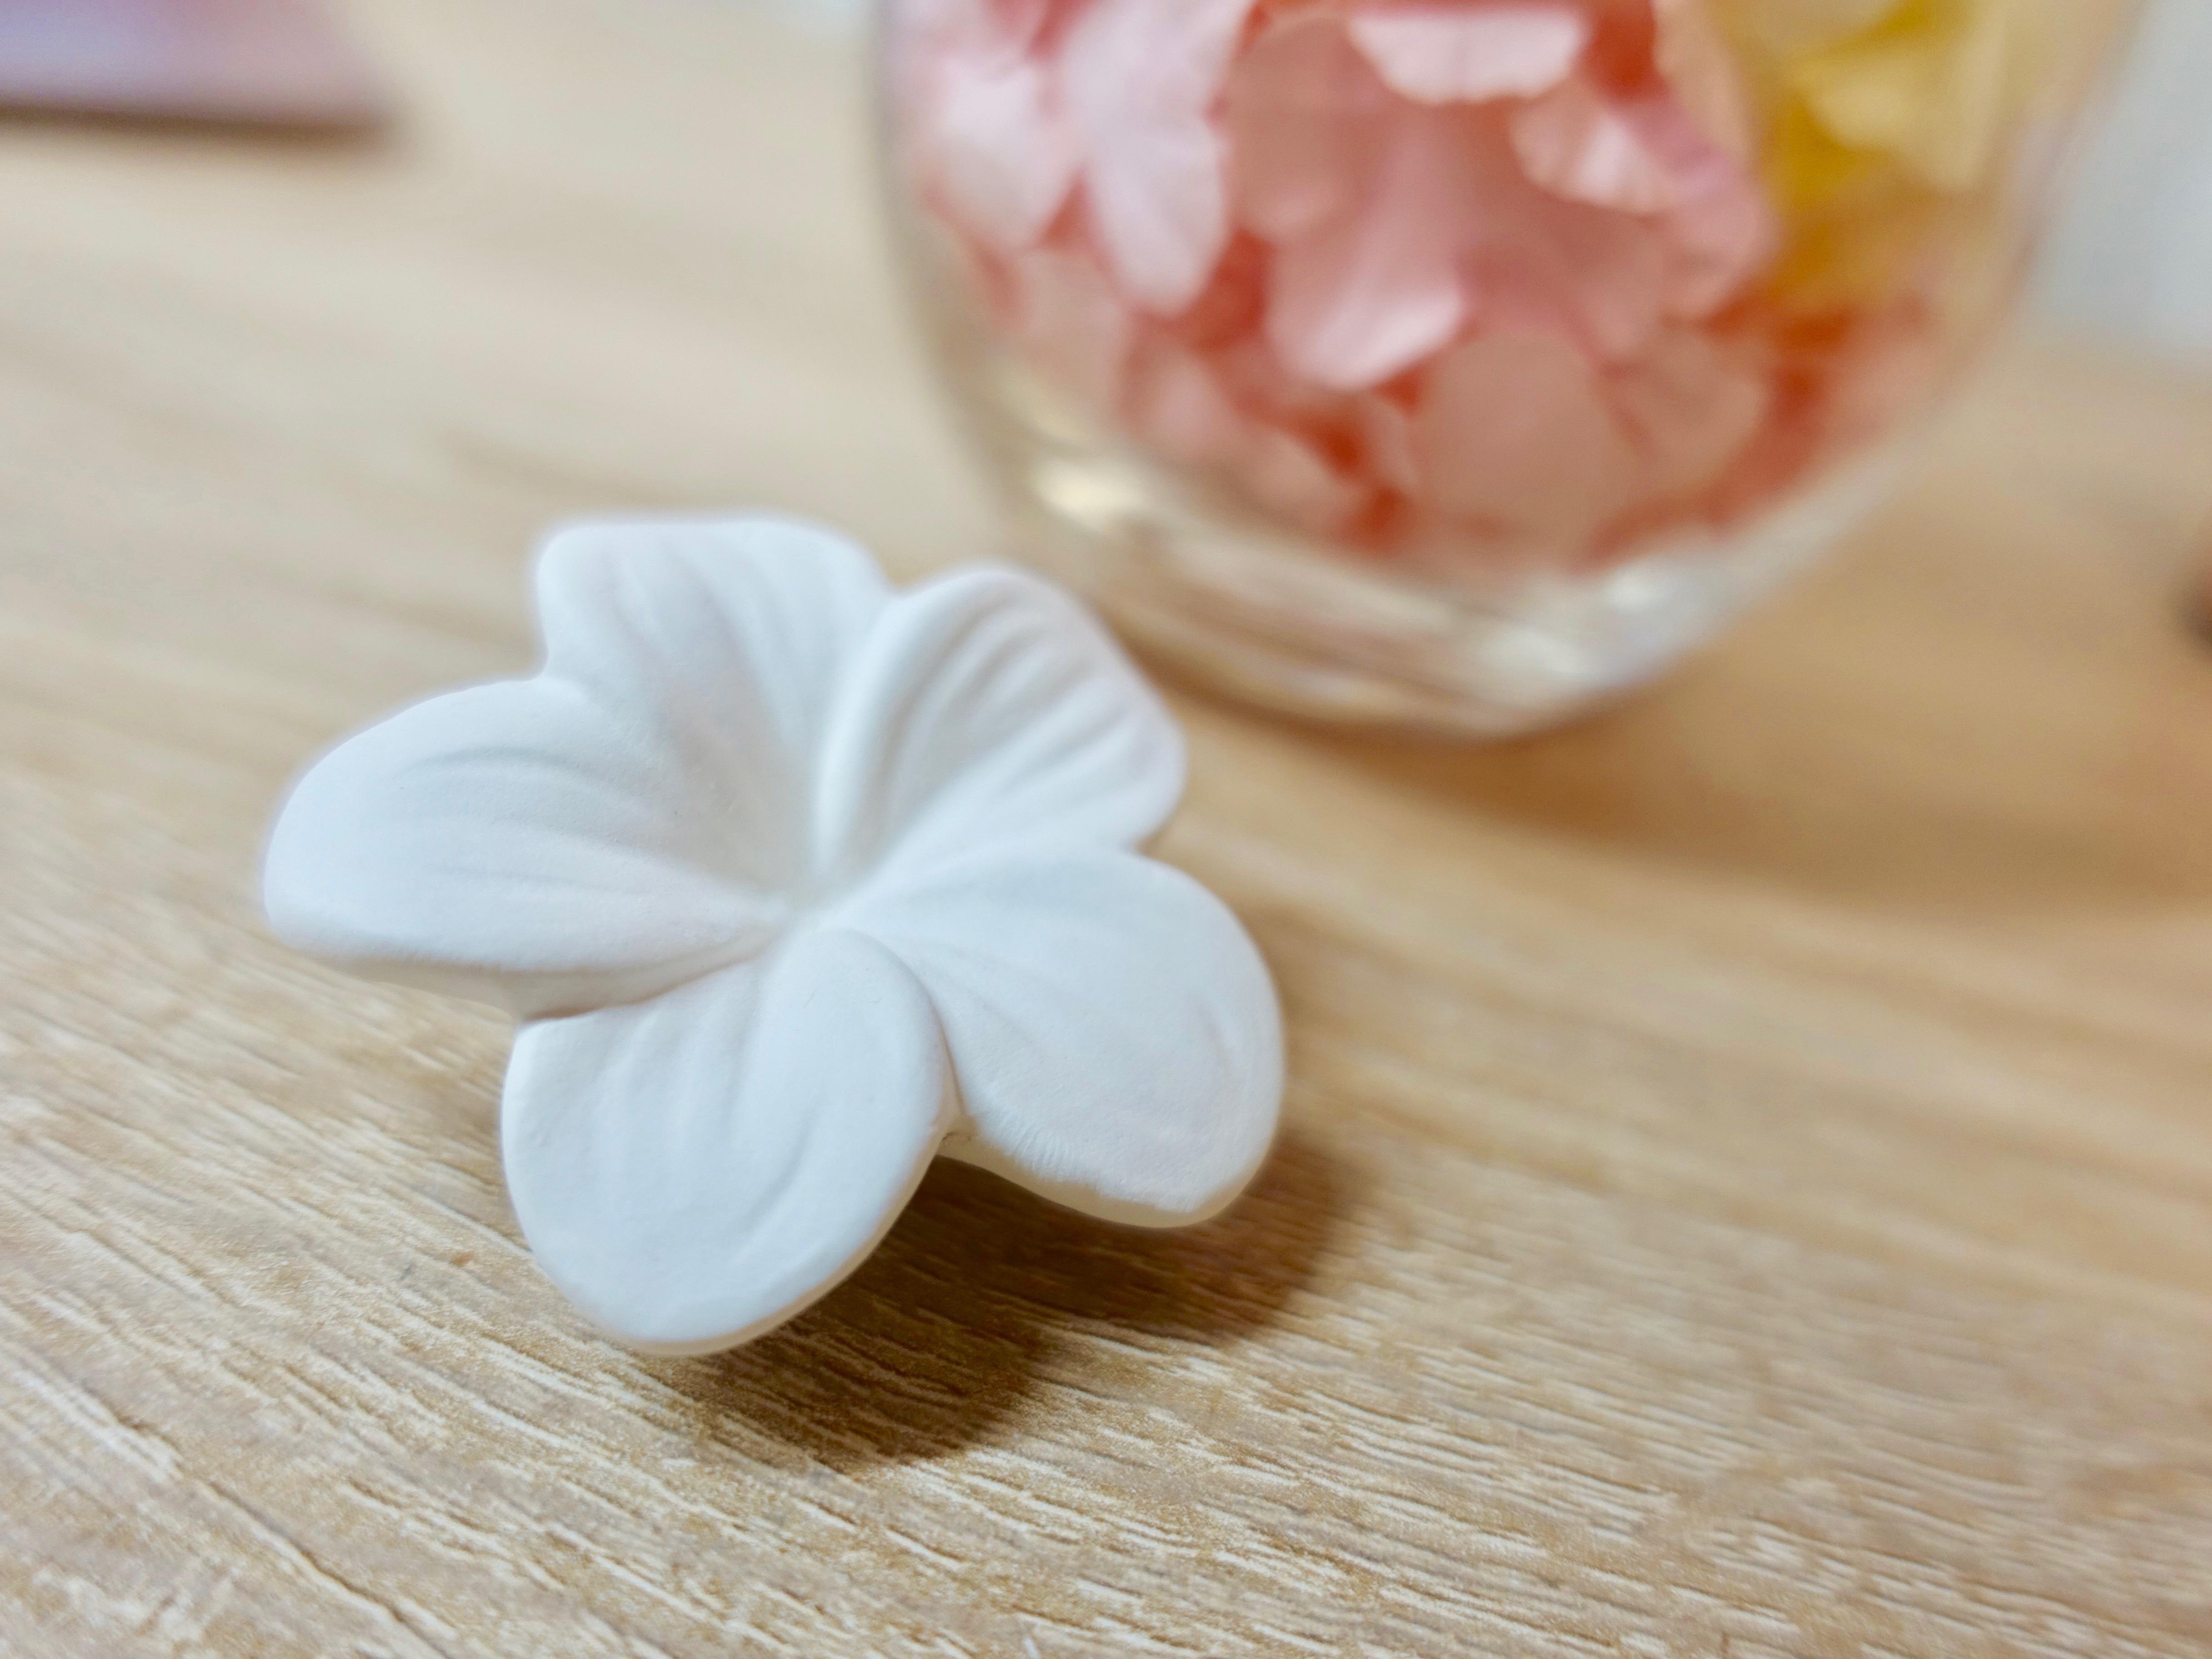 初夏のさわやかレモネード+ プルメリアのアロマストーン【ノベルティ対象商品】